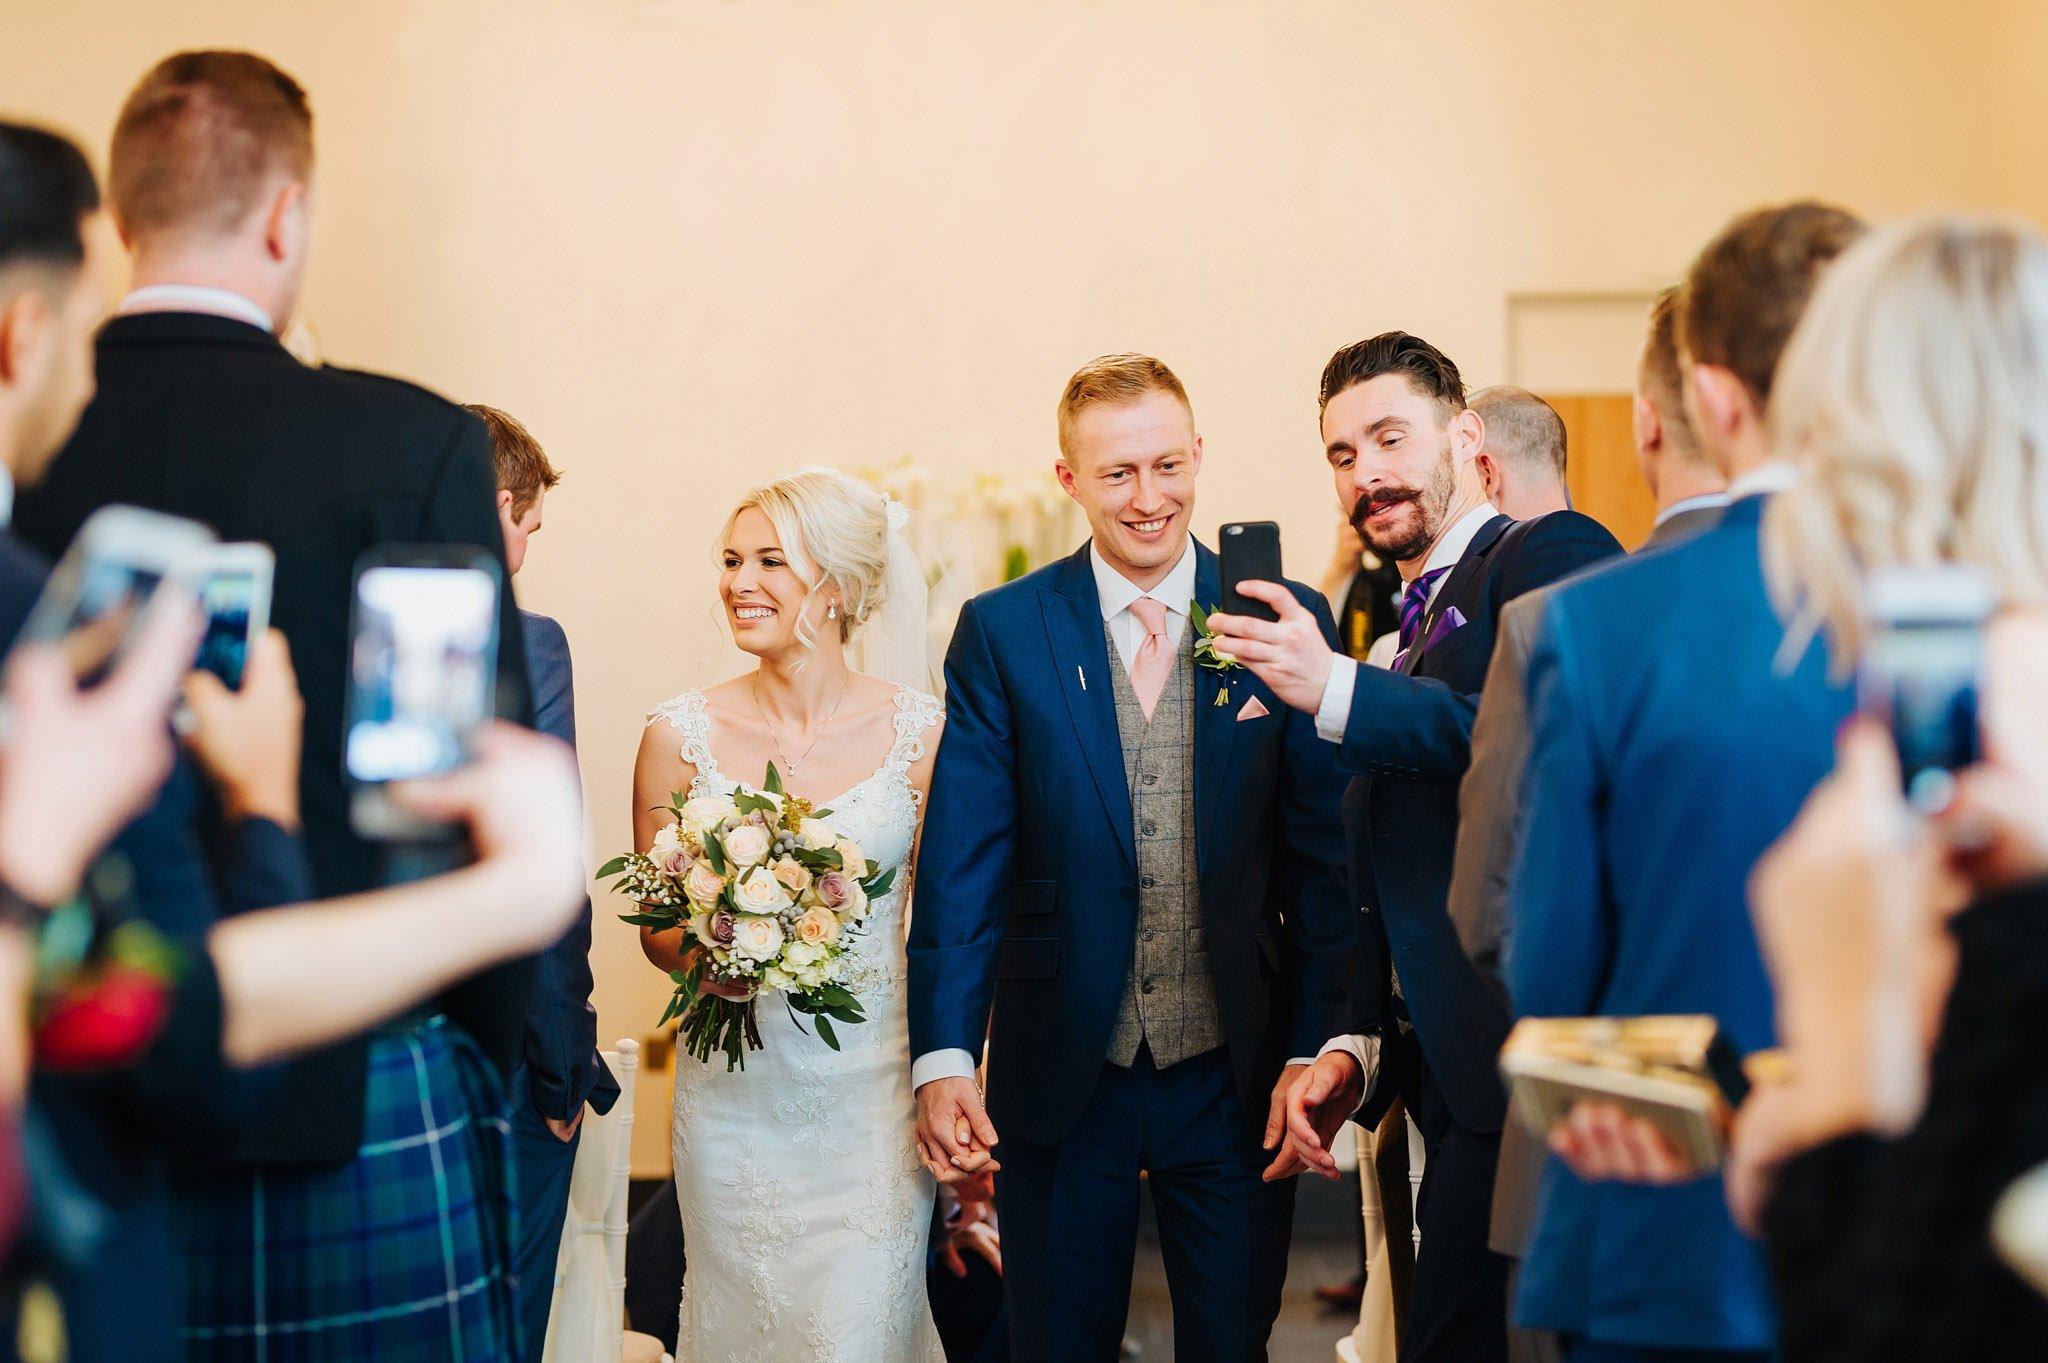 Lemore Manor wedding, Herefordshire - West Midlands | Sadie + Ken 36